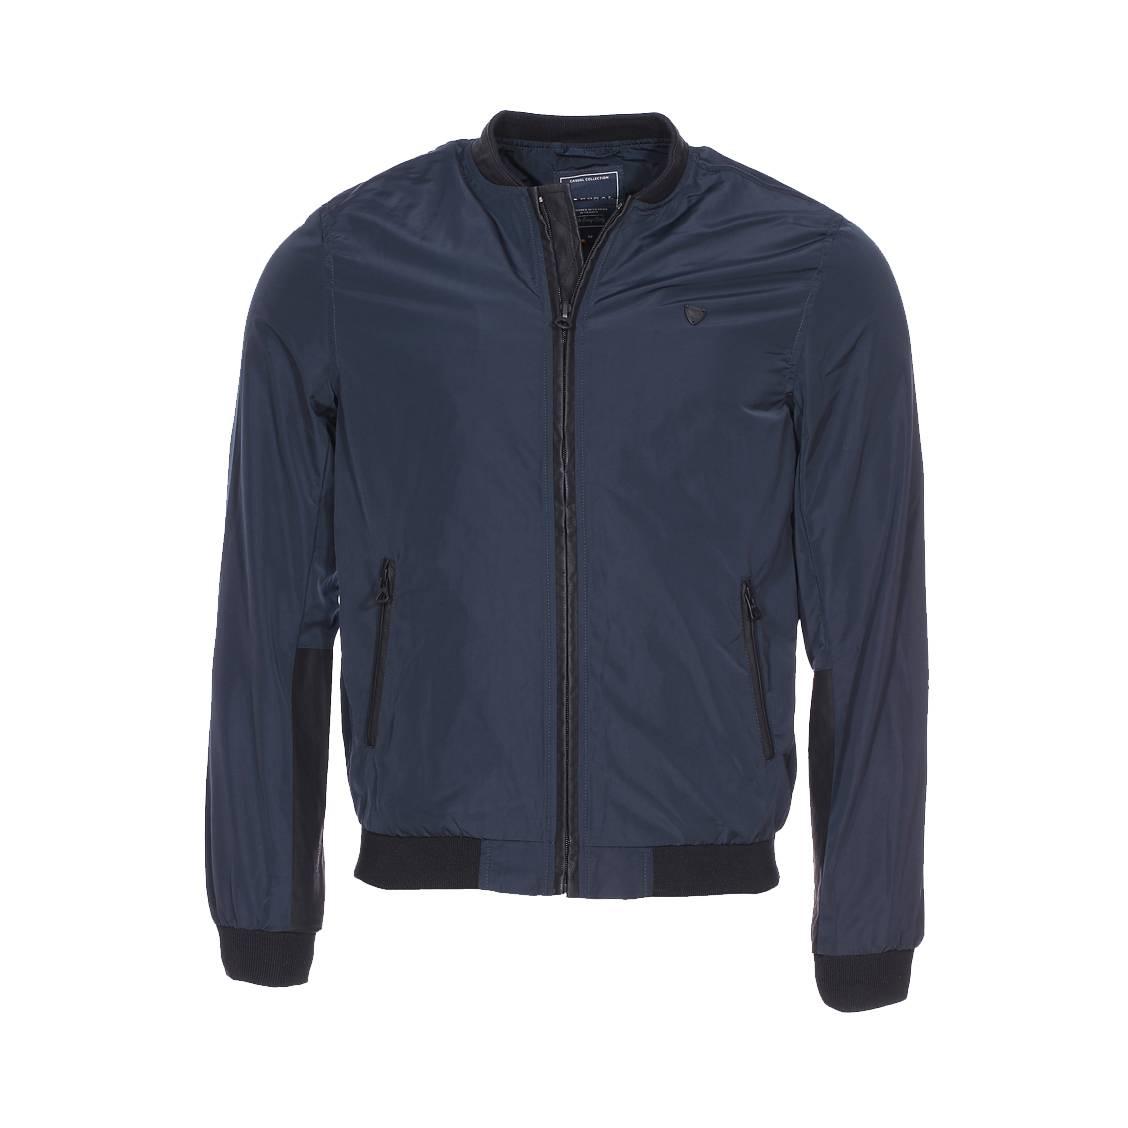 Blouson zippé  bleu marine à empiècements en simili cuir noir